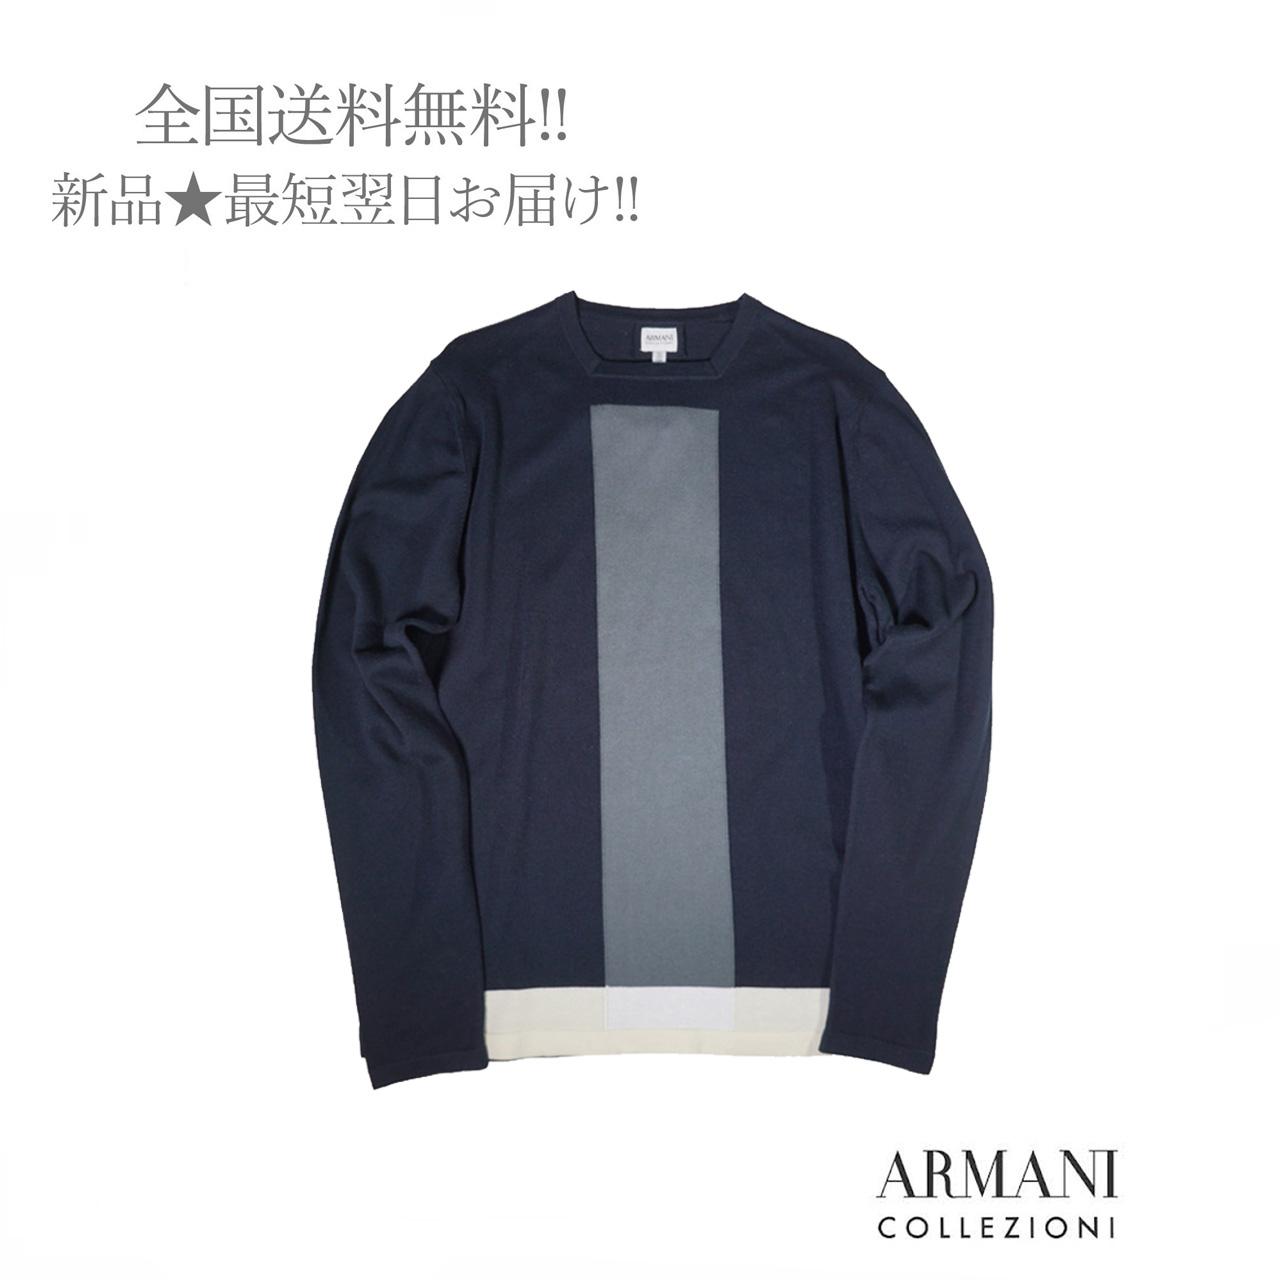 ARMANI COLLEZIONI アルマーニ 買い取り コレツォーニ ニット スクエアネック メンズ × ネイビー 男 48 マルチカラー 日本製 50 新品